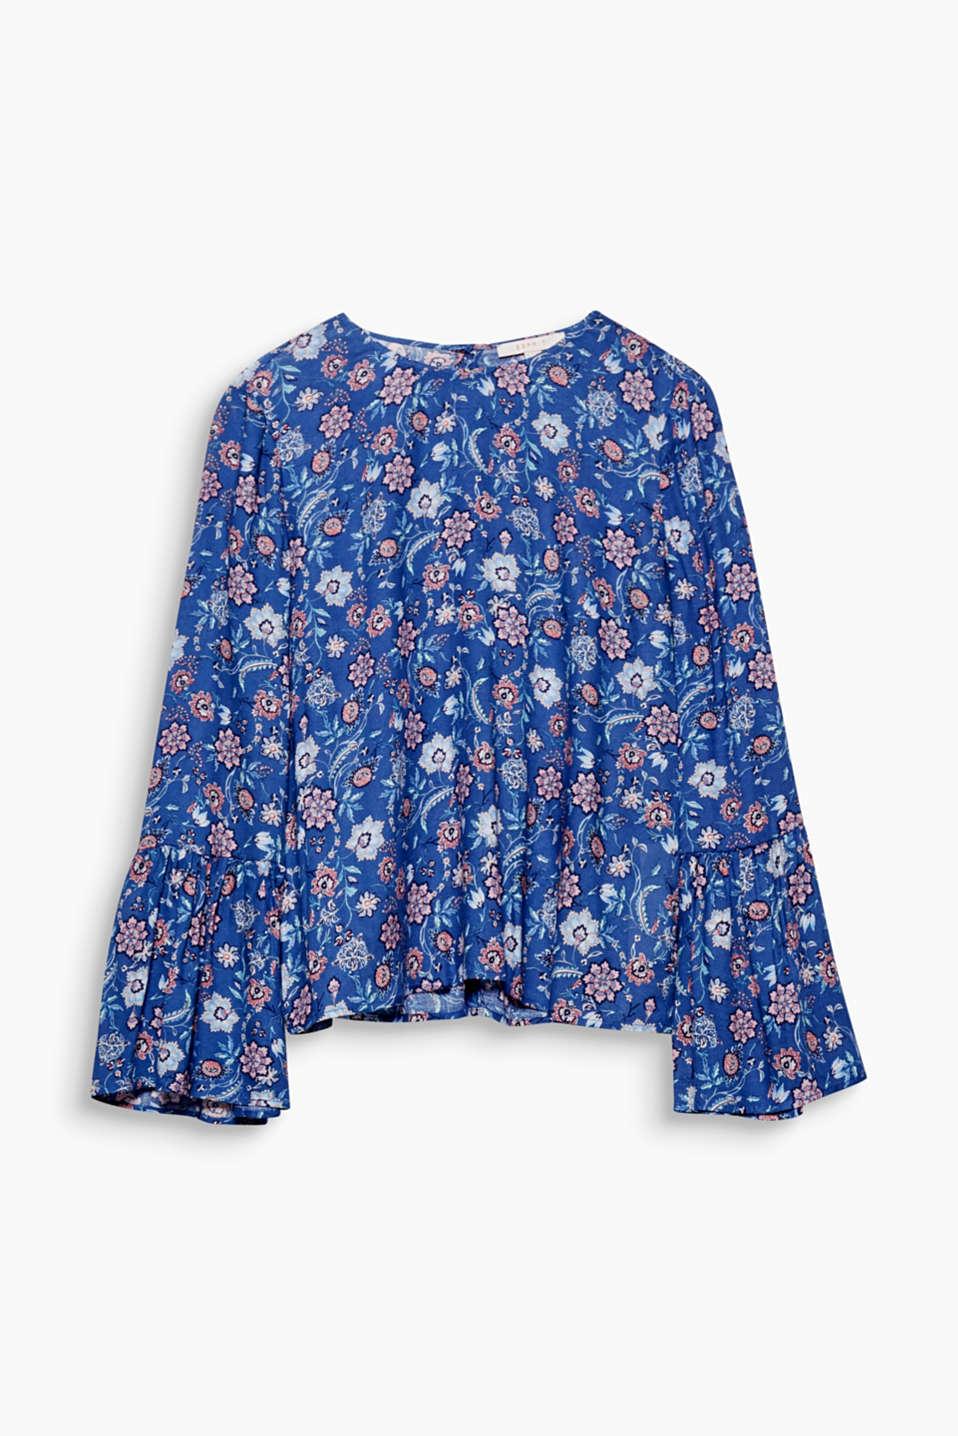 esprit seidige bluse mit blumen print im online shop kaufen. Black Bedroom Furniture Sets. Home Design Ideas